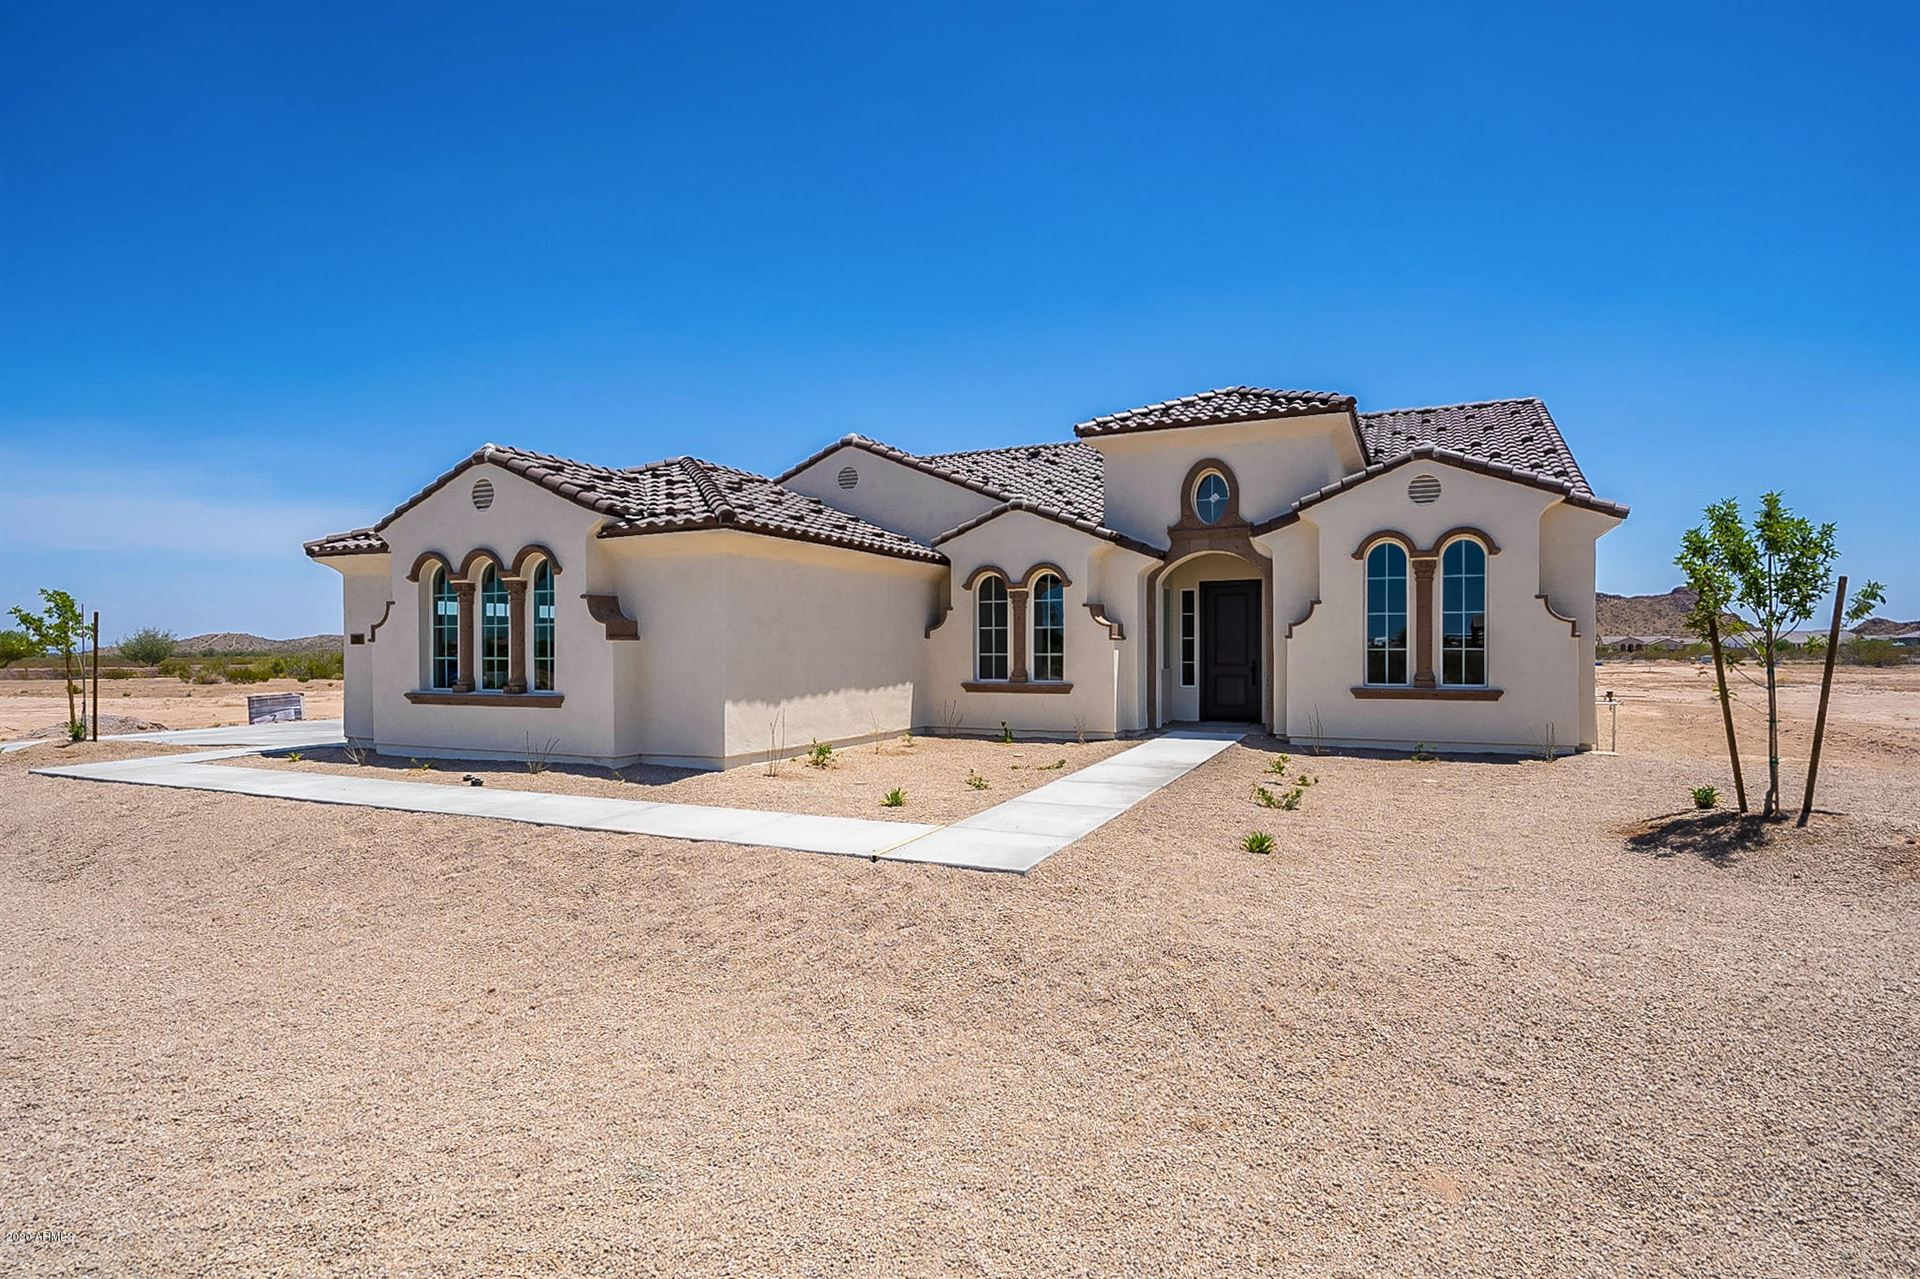 289 W STERLING Street, San Tan Valley, AZ 85143 - #: 5893650